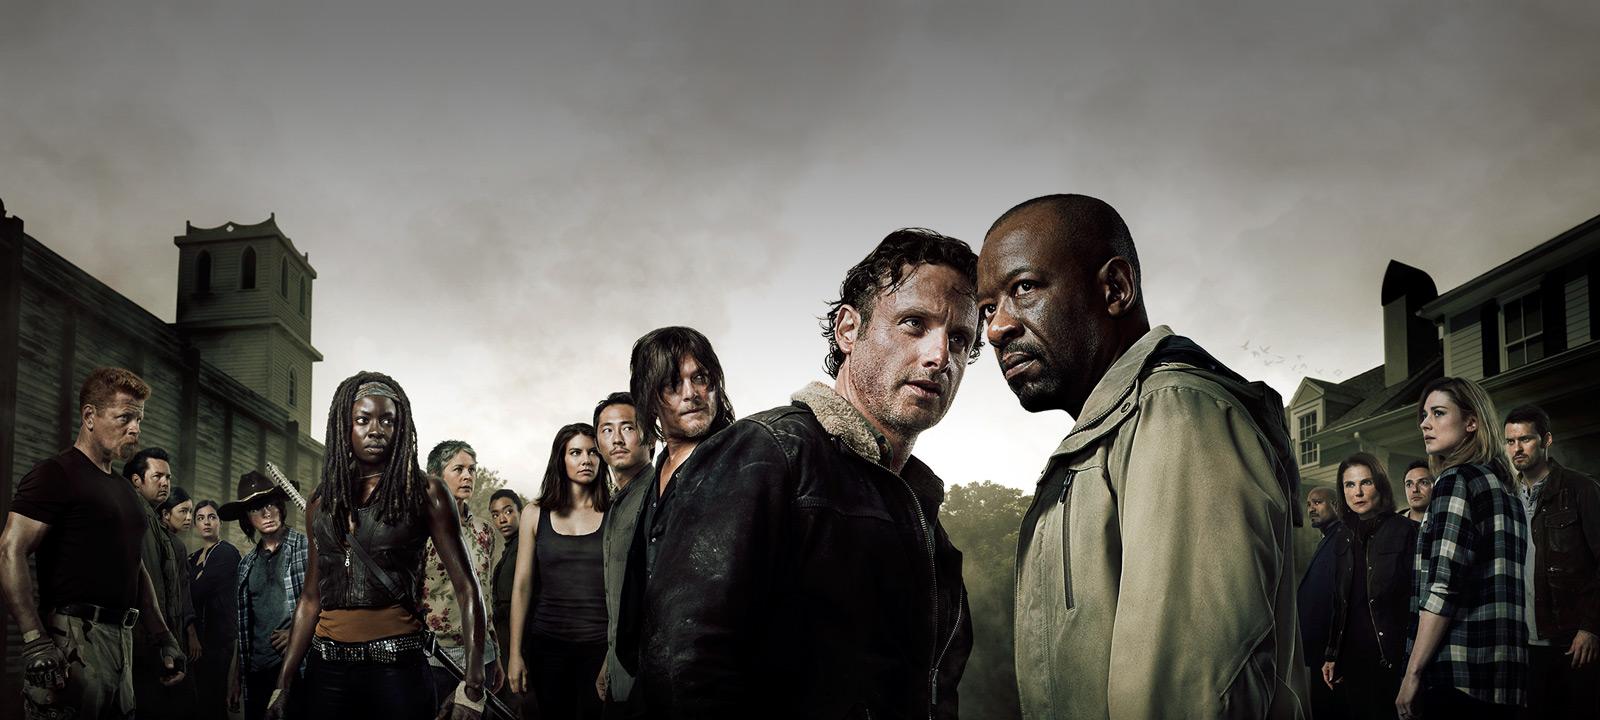 Neden 'The Walking Dead' izliyoruz?